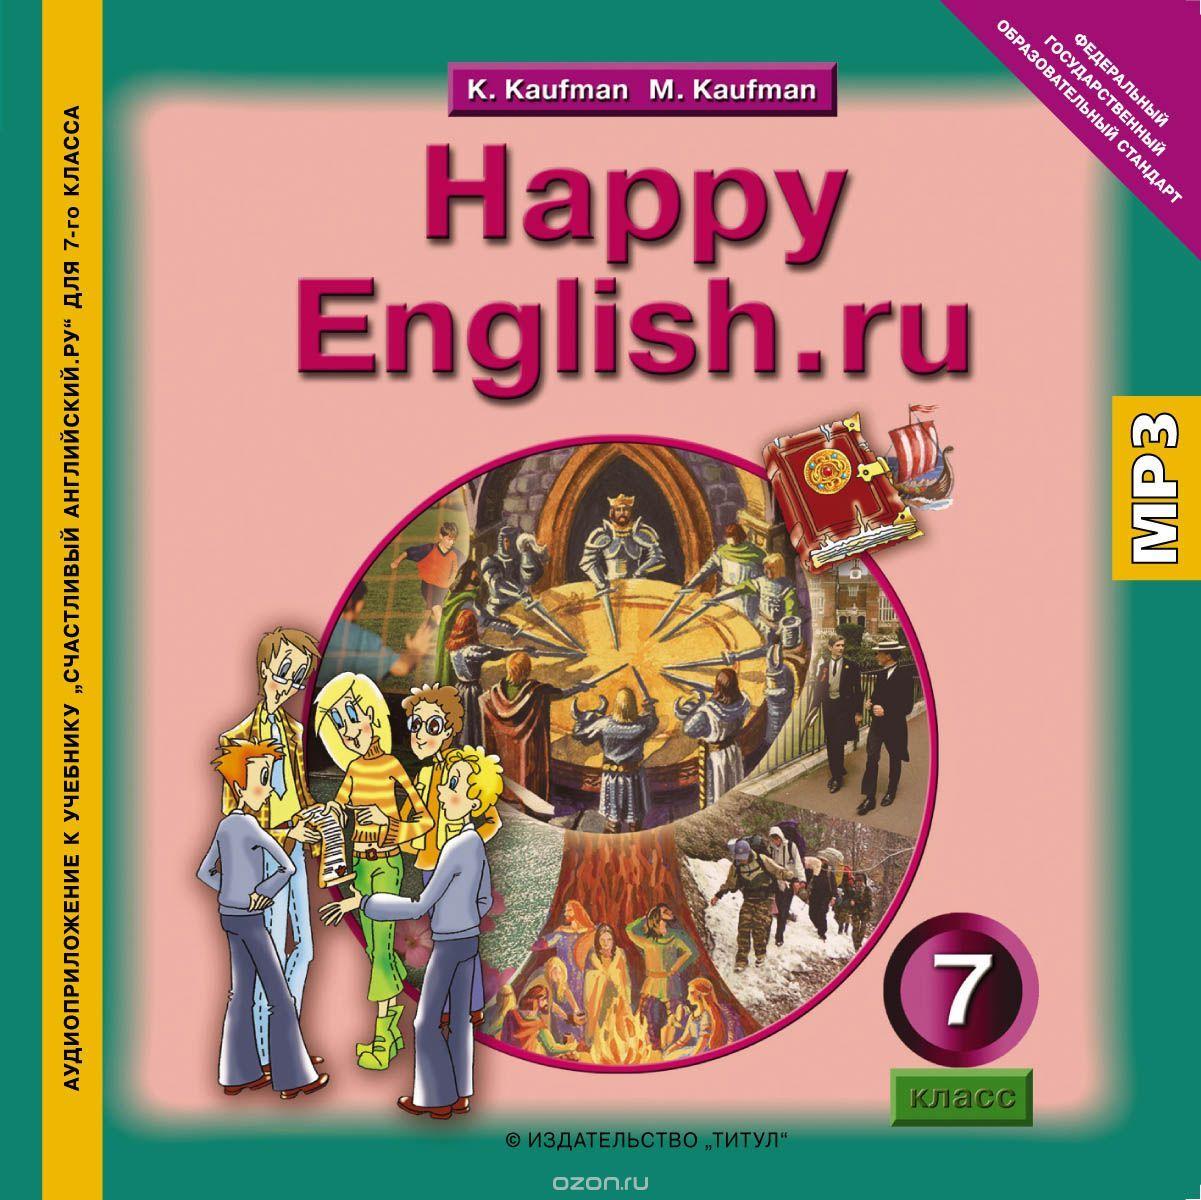 Скачать рабочую тетрадь по английскому языку кауфман 7 класс.